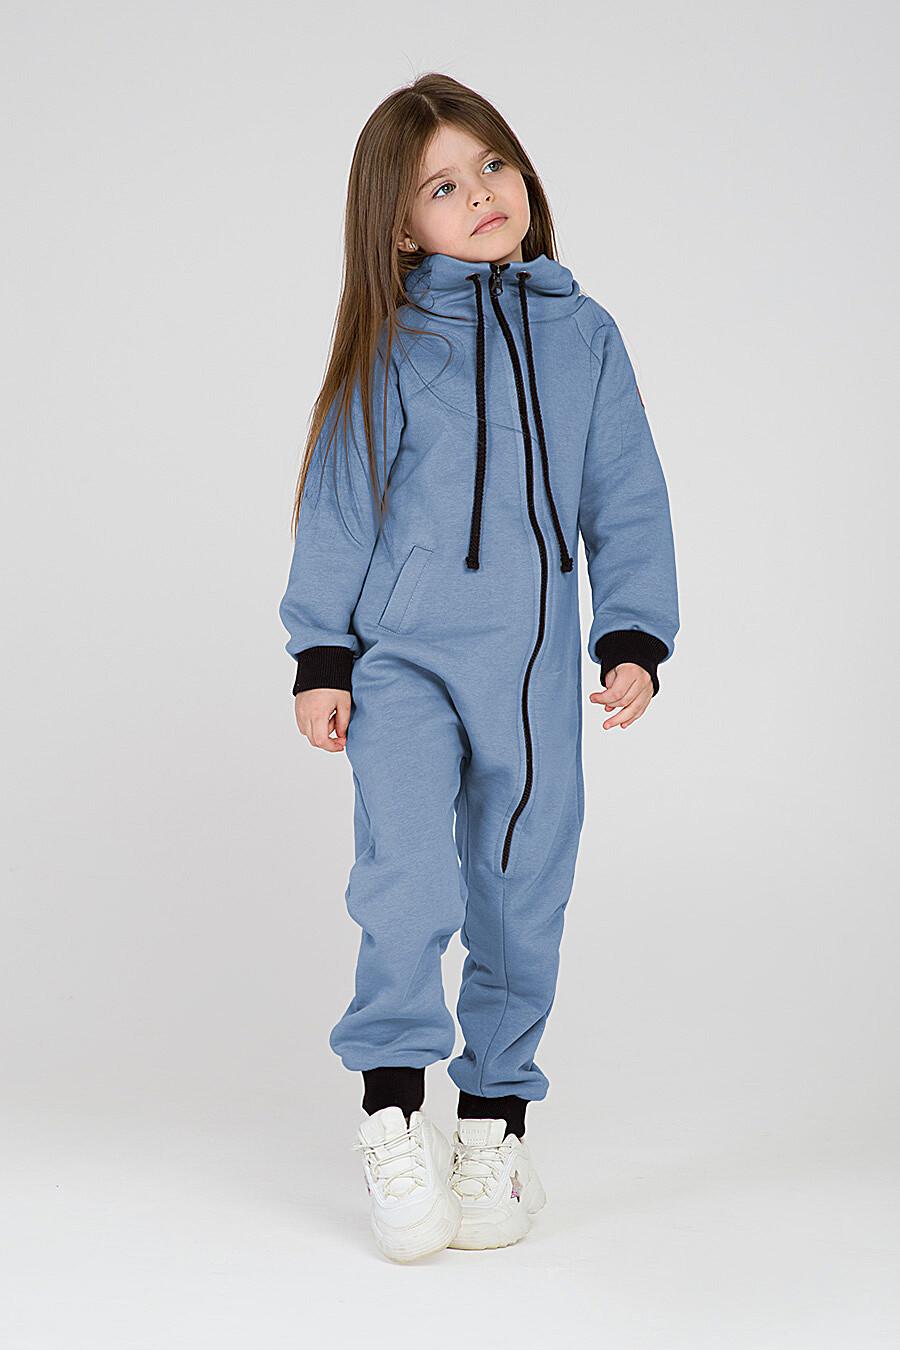 Комбинезон для девочек EZANNA 649184 купить оптом от производителя. Совместная покупка детской одежды в OptMoyo